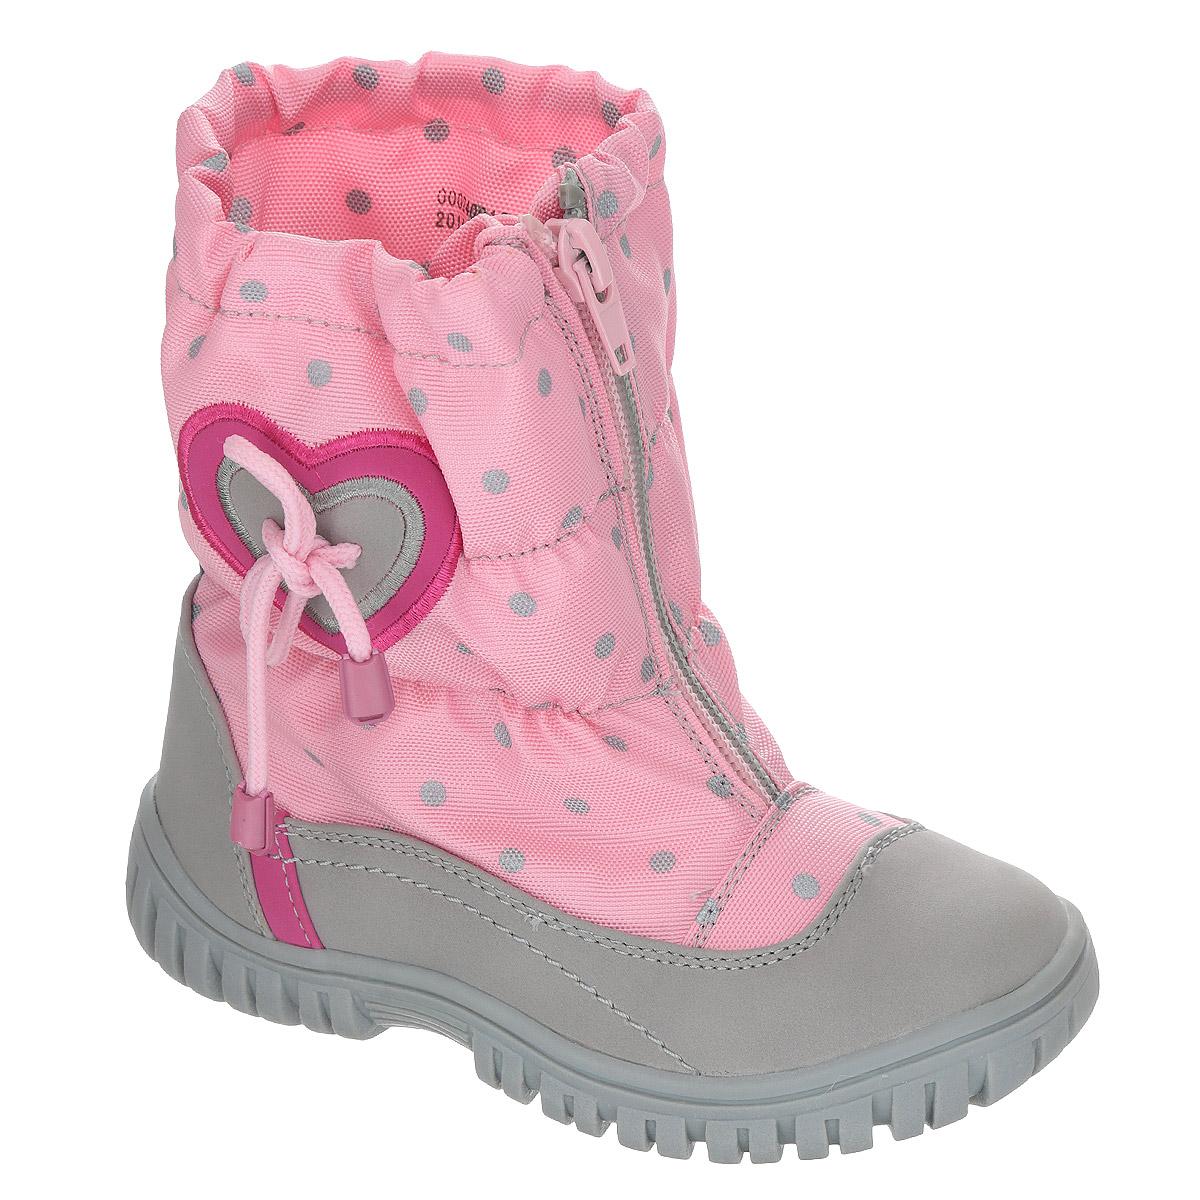 Сапоги для девочки Аллигаша, цвет: светло-розовый, серый. 000240014. Размер 25 (24)000240014Замечательные сапоги для девочки Аллигаша, изготовленные из современных материалов, обеспечат удобство и комфорт ножкам вашей малышки в прохладную погоду. Верх выполнен из комбинаций искусственной кожи (нубука) и текстиля с пропиткой от промокания, а также оформлен аппликацией в виде сердечка с декоративным шнурочком, гороховым принтом и прострочкой. Модель на высокой рифленой подошве с округлым мыском обеспечивает удобство и практичность на каждый день. Удобная пяточная часть укреплена и дополнена светоотражающим элементом. Внутренняя отделка из текстиля и шерсти. Застежка-молния по линии подъема с защитой от промокания обеспечивает практичность и комфортную фиксацию модели на ноге. Стелька из натуральной шерсти не даст ножке замерзнуть. Прорезиненная подошва с протектором обеспечивает удобство и комфорт в носке при любой погоде.В таких сапожках ножкам вашего ребенка всегда будет комфортно, уютно и тепло!